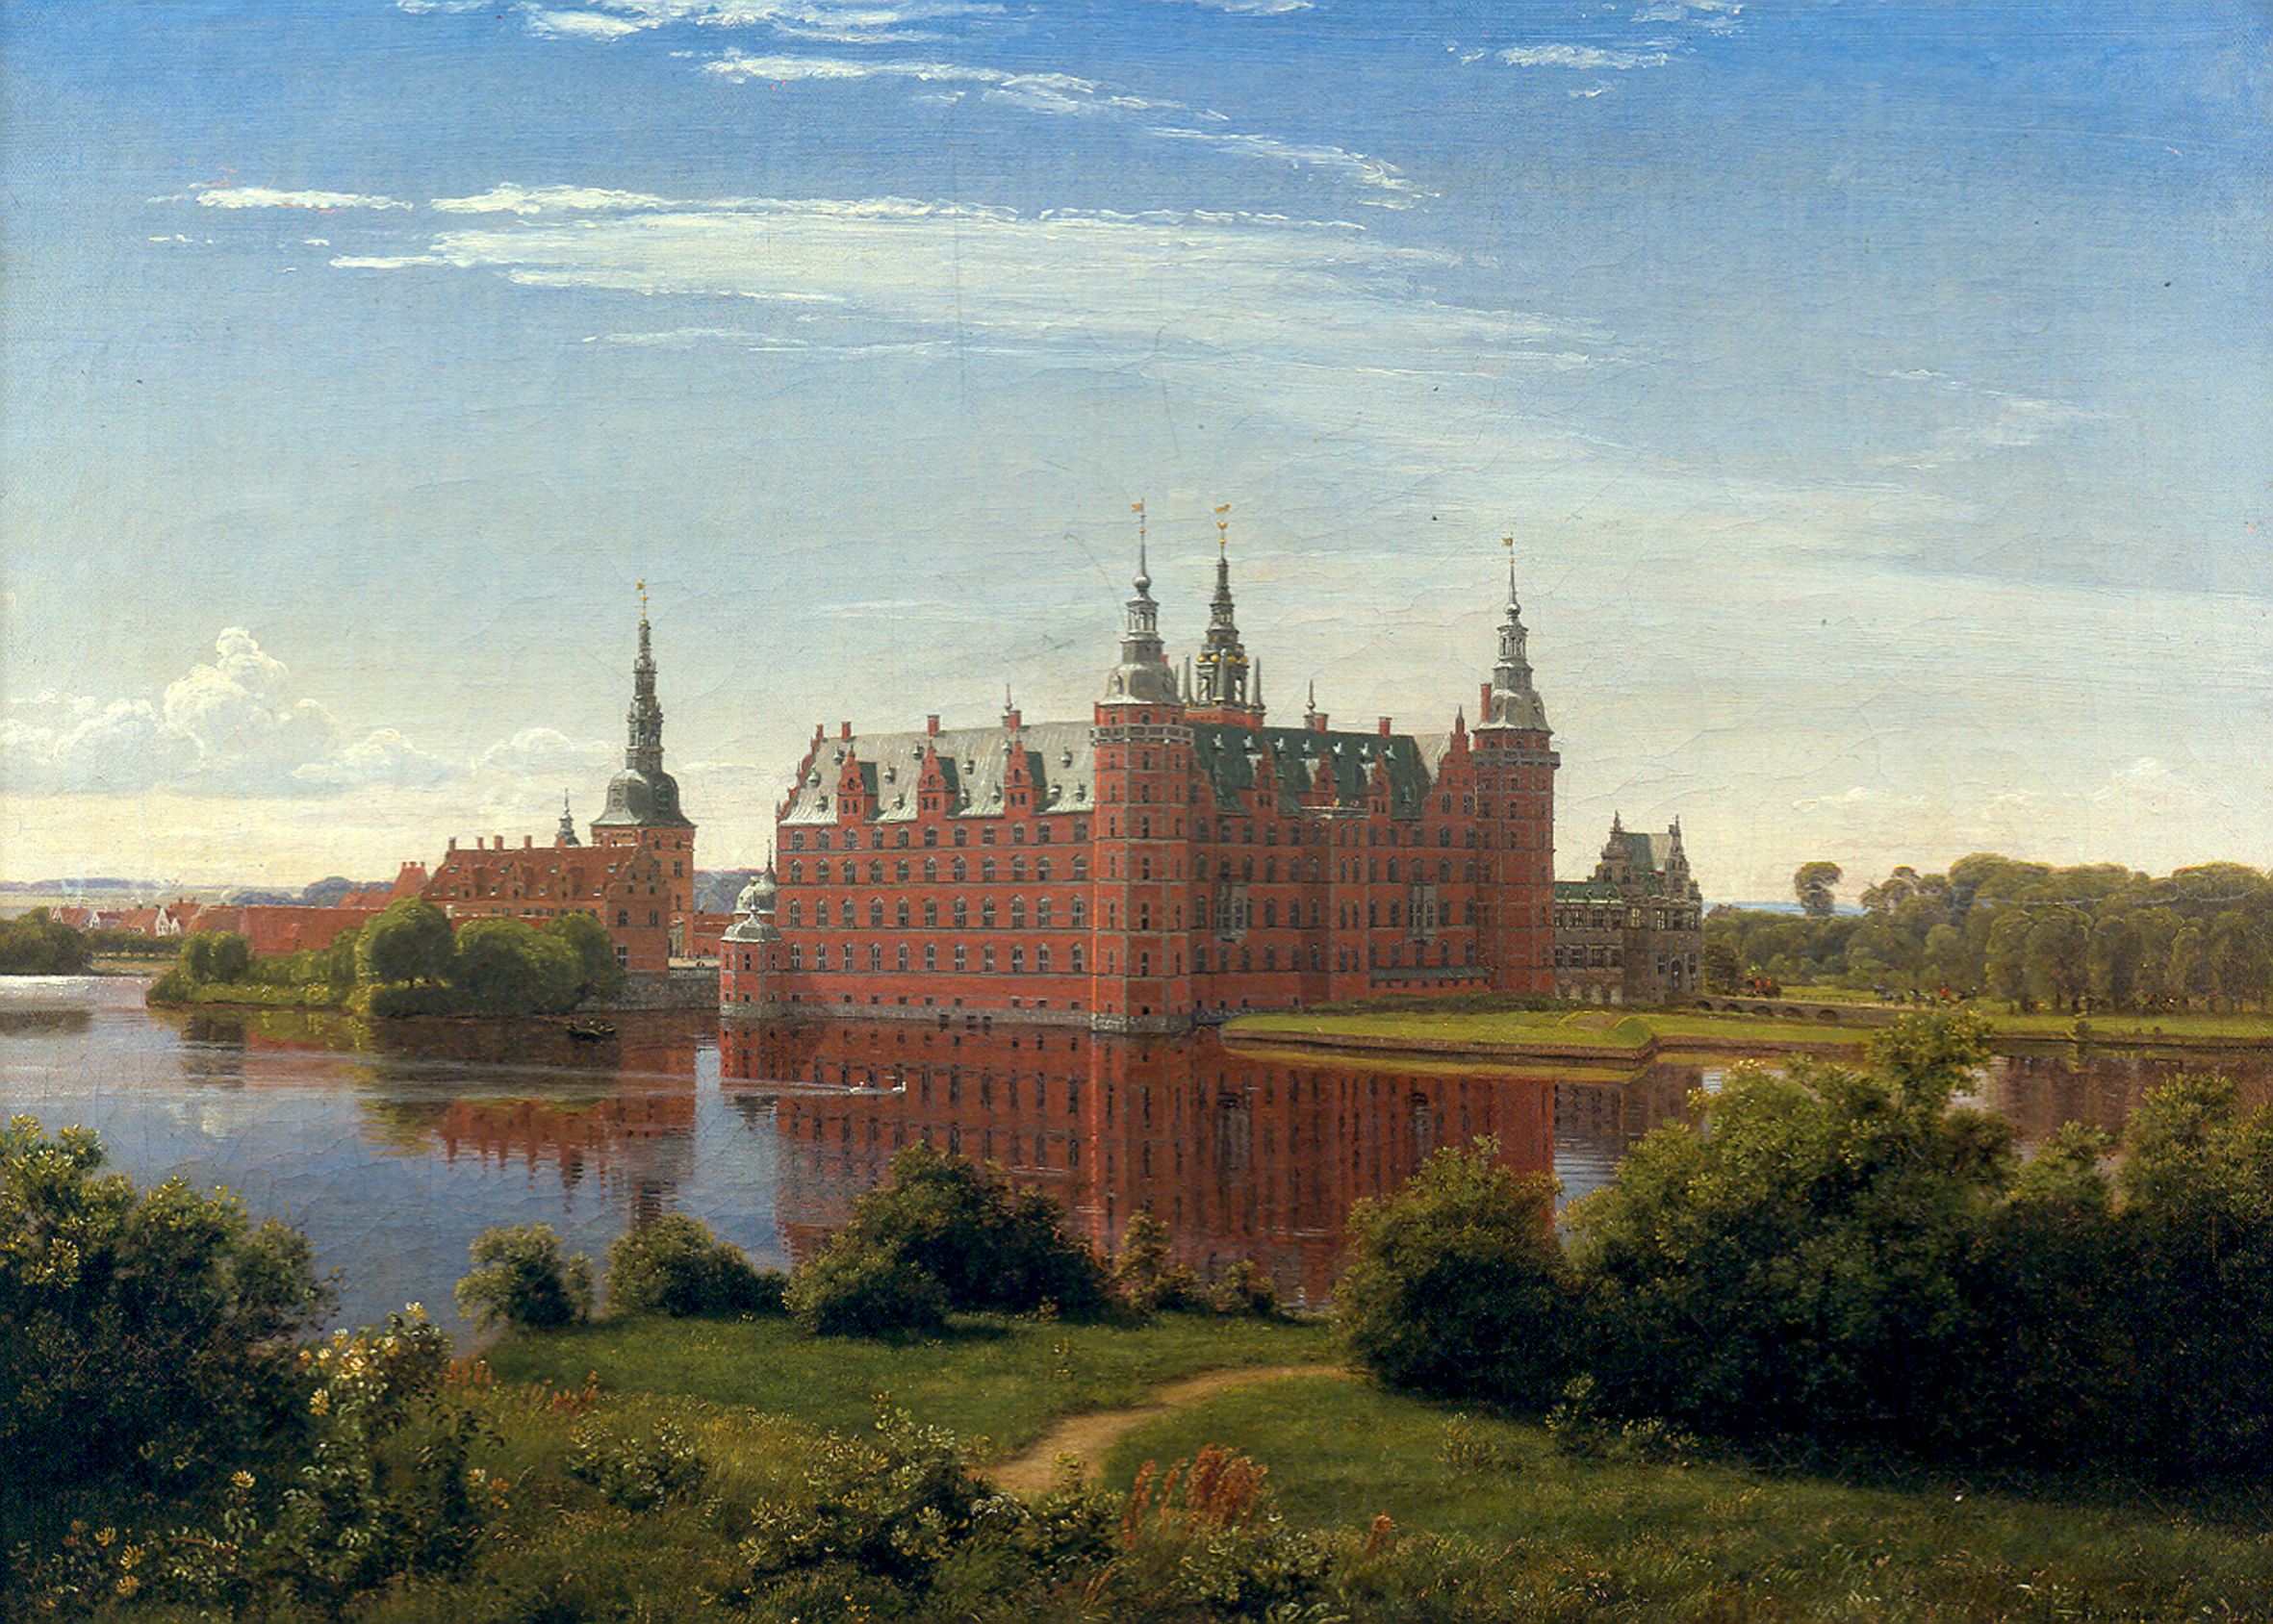 Frederiksborg_1841_by_P.C._Skovgaard